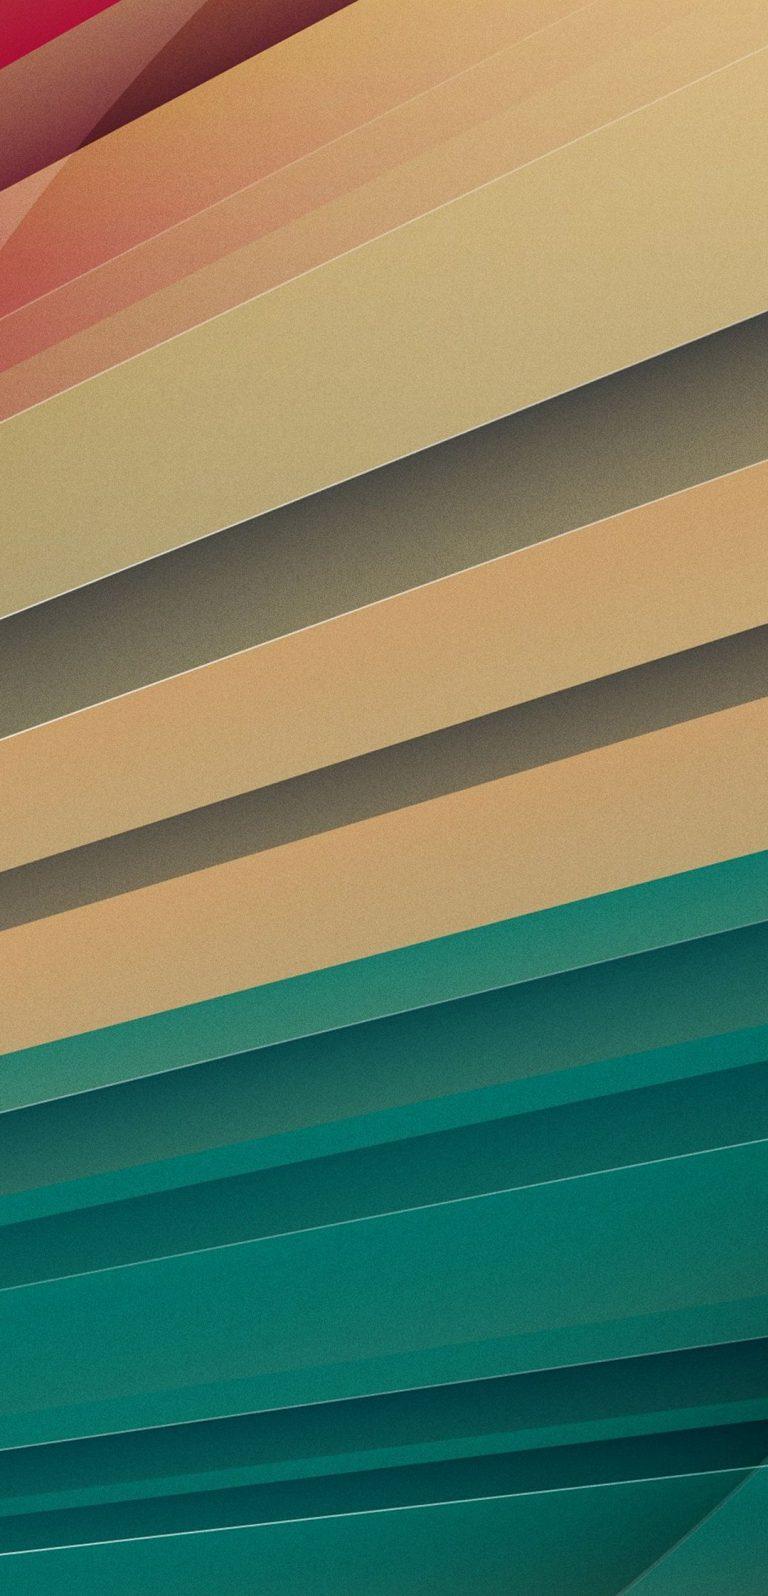 1080x2244 Wallpaper 005 768x1596